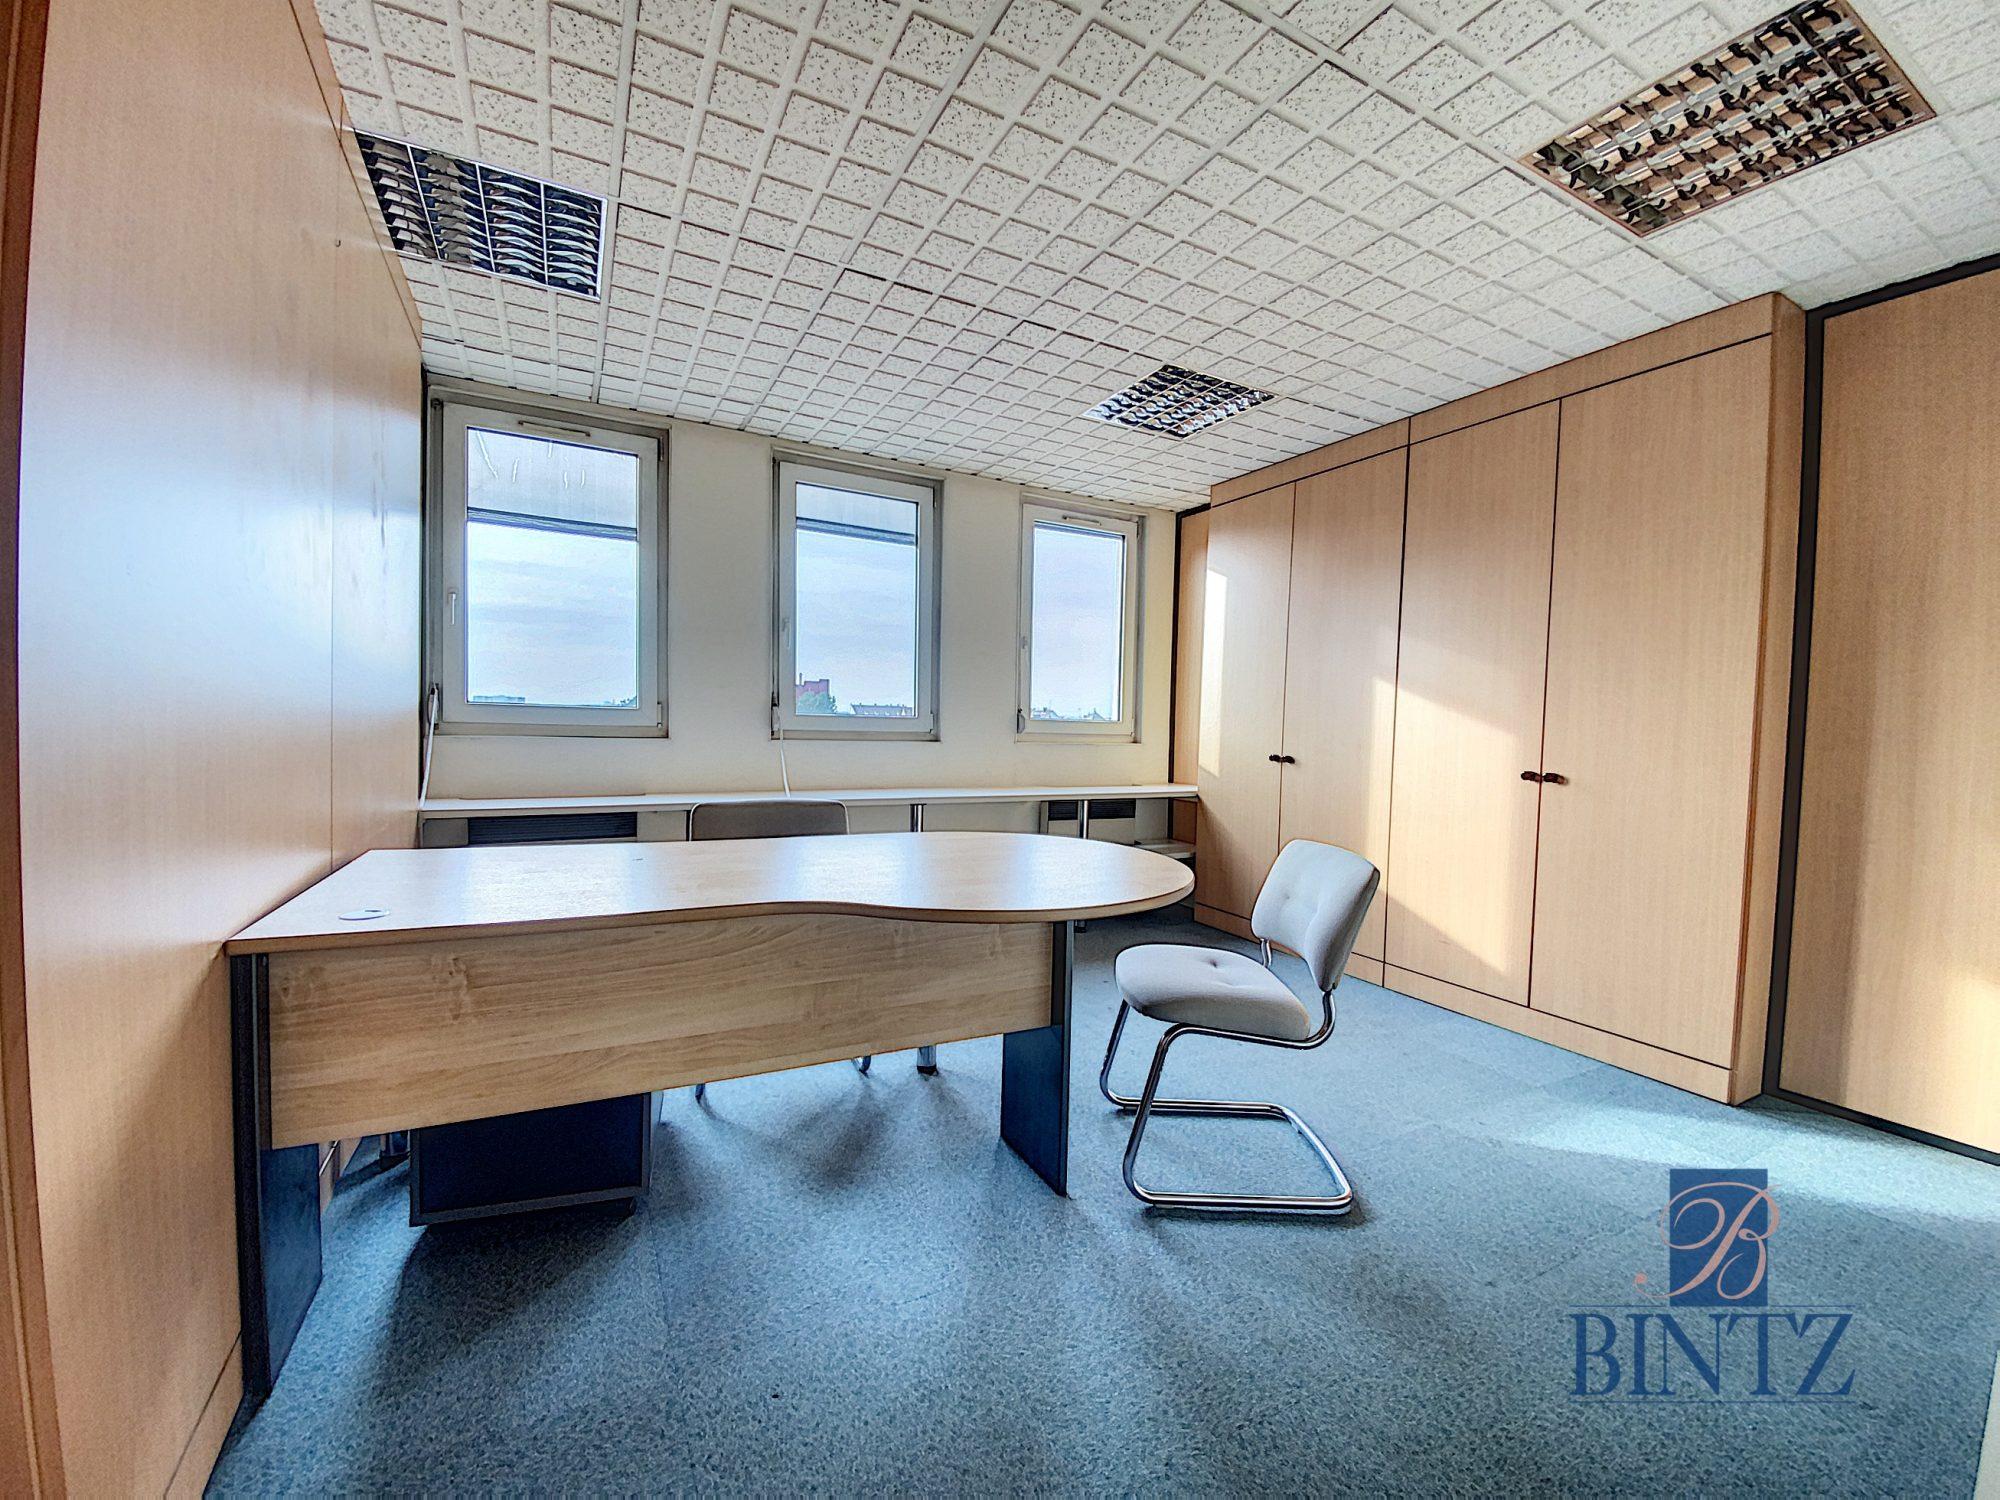 Bureaux à louer – 250m2 Quartier Fisher à Schiltigheim - Devenez locataire en toute sérénité - Bintz Immobilier - 11